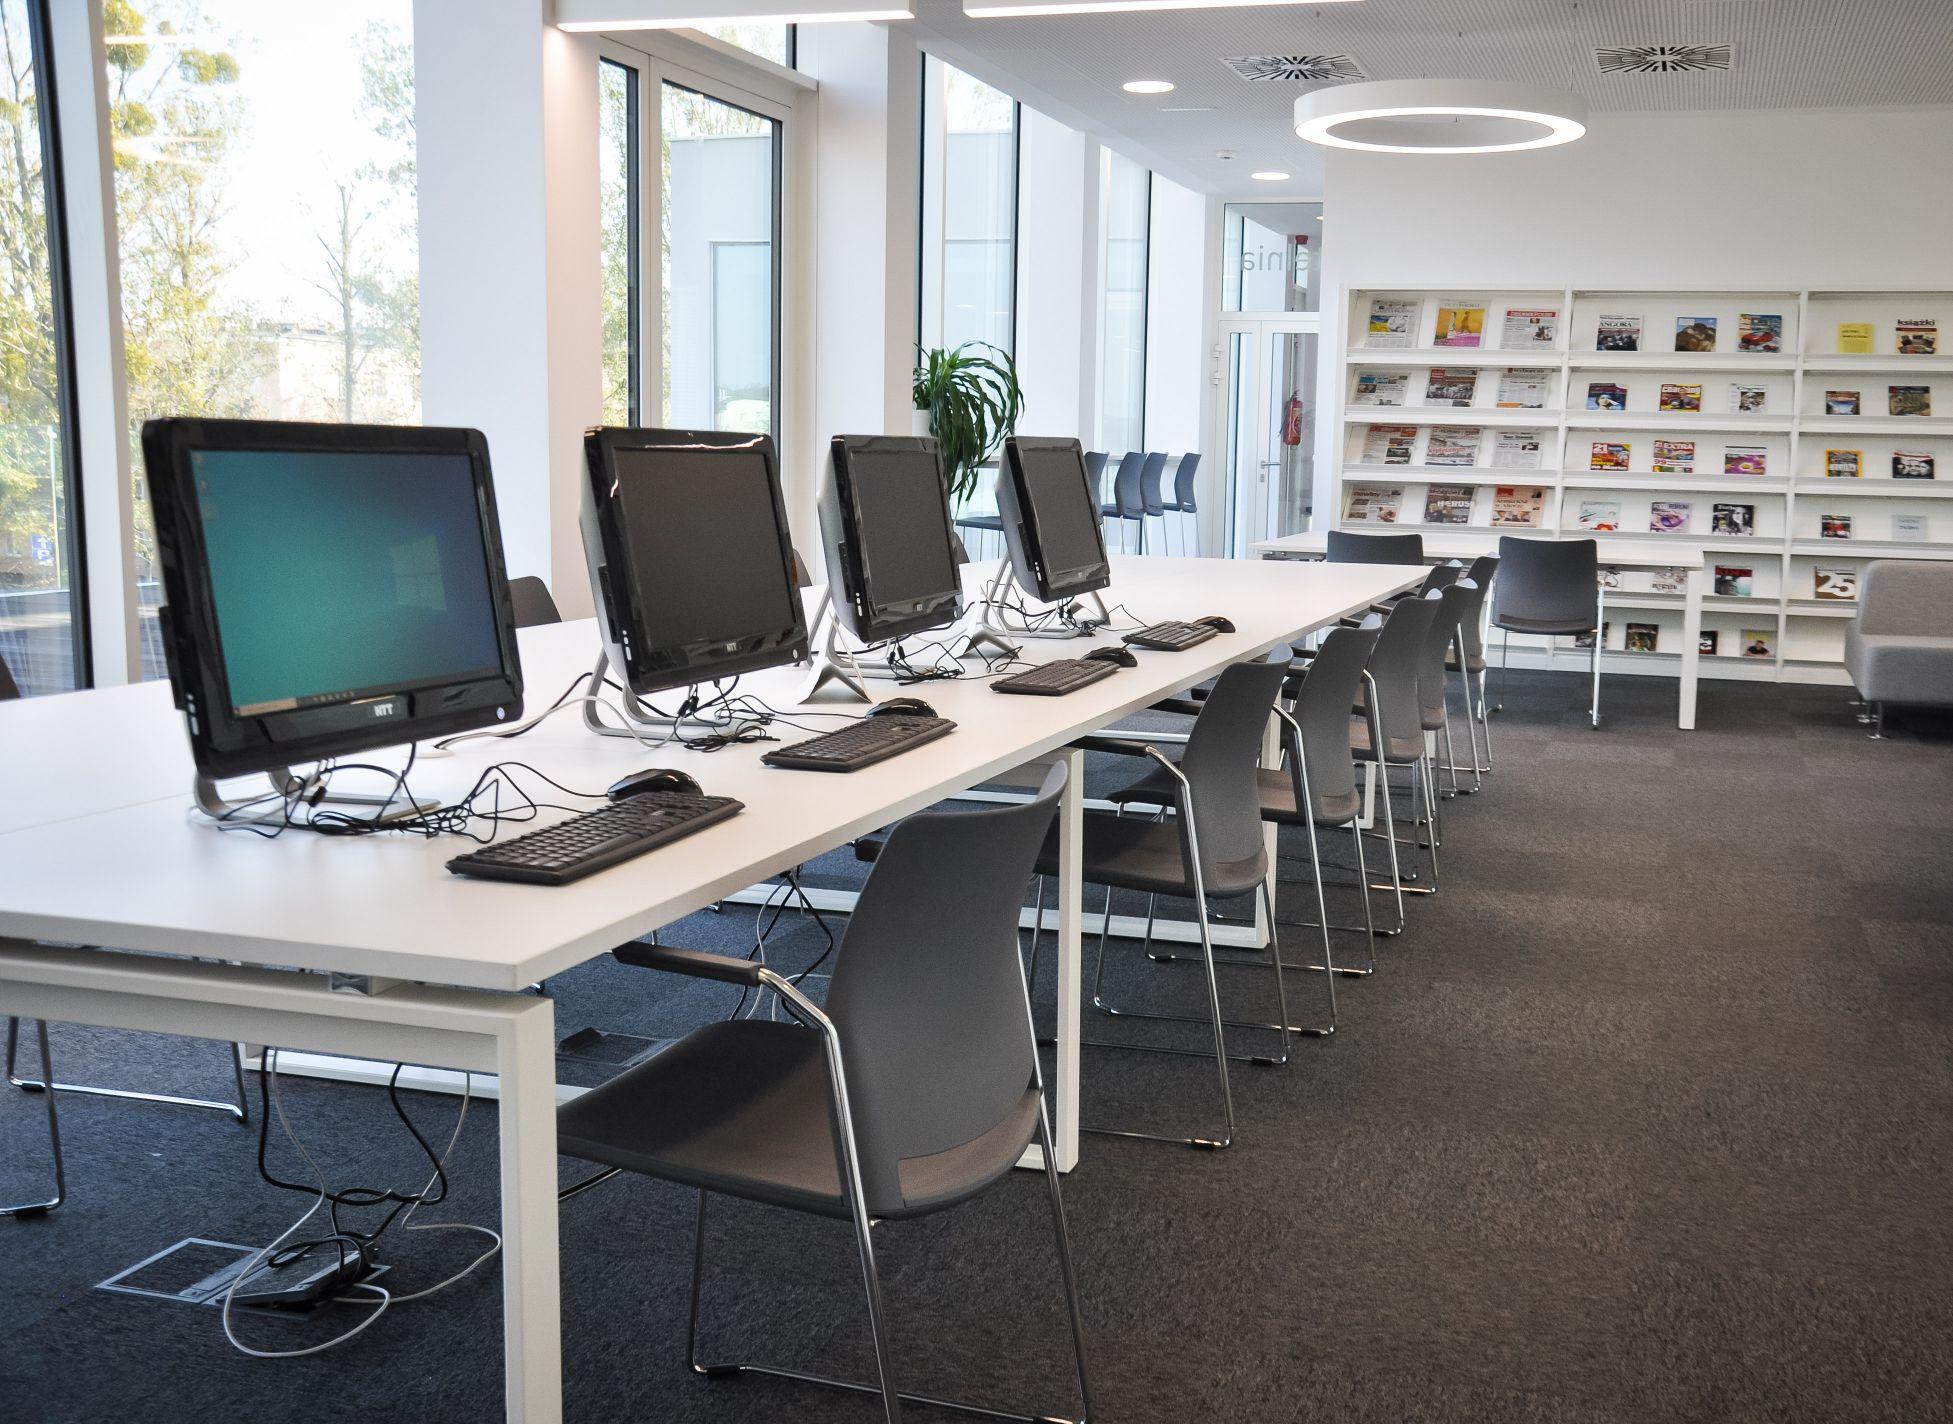 Siedziba Główna Biblioteki już otwarta! Sprawdzamy jak wygląda! [FOTO] - Zdjęcie główne